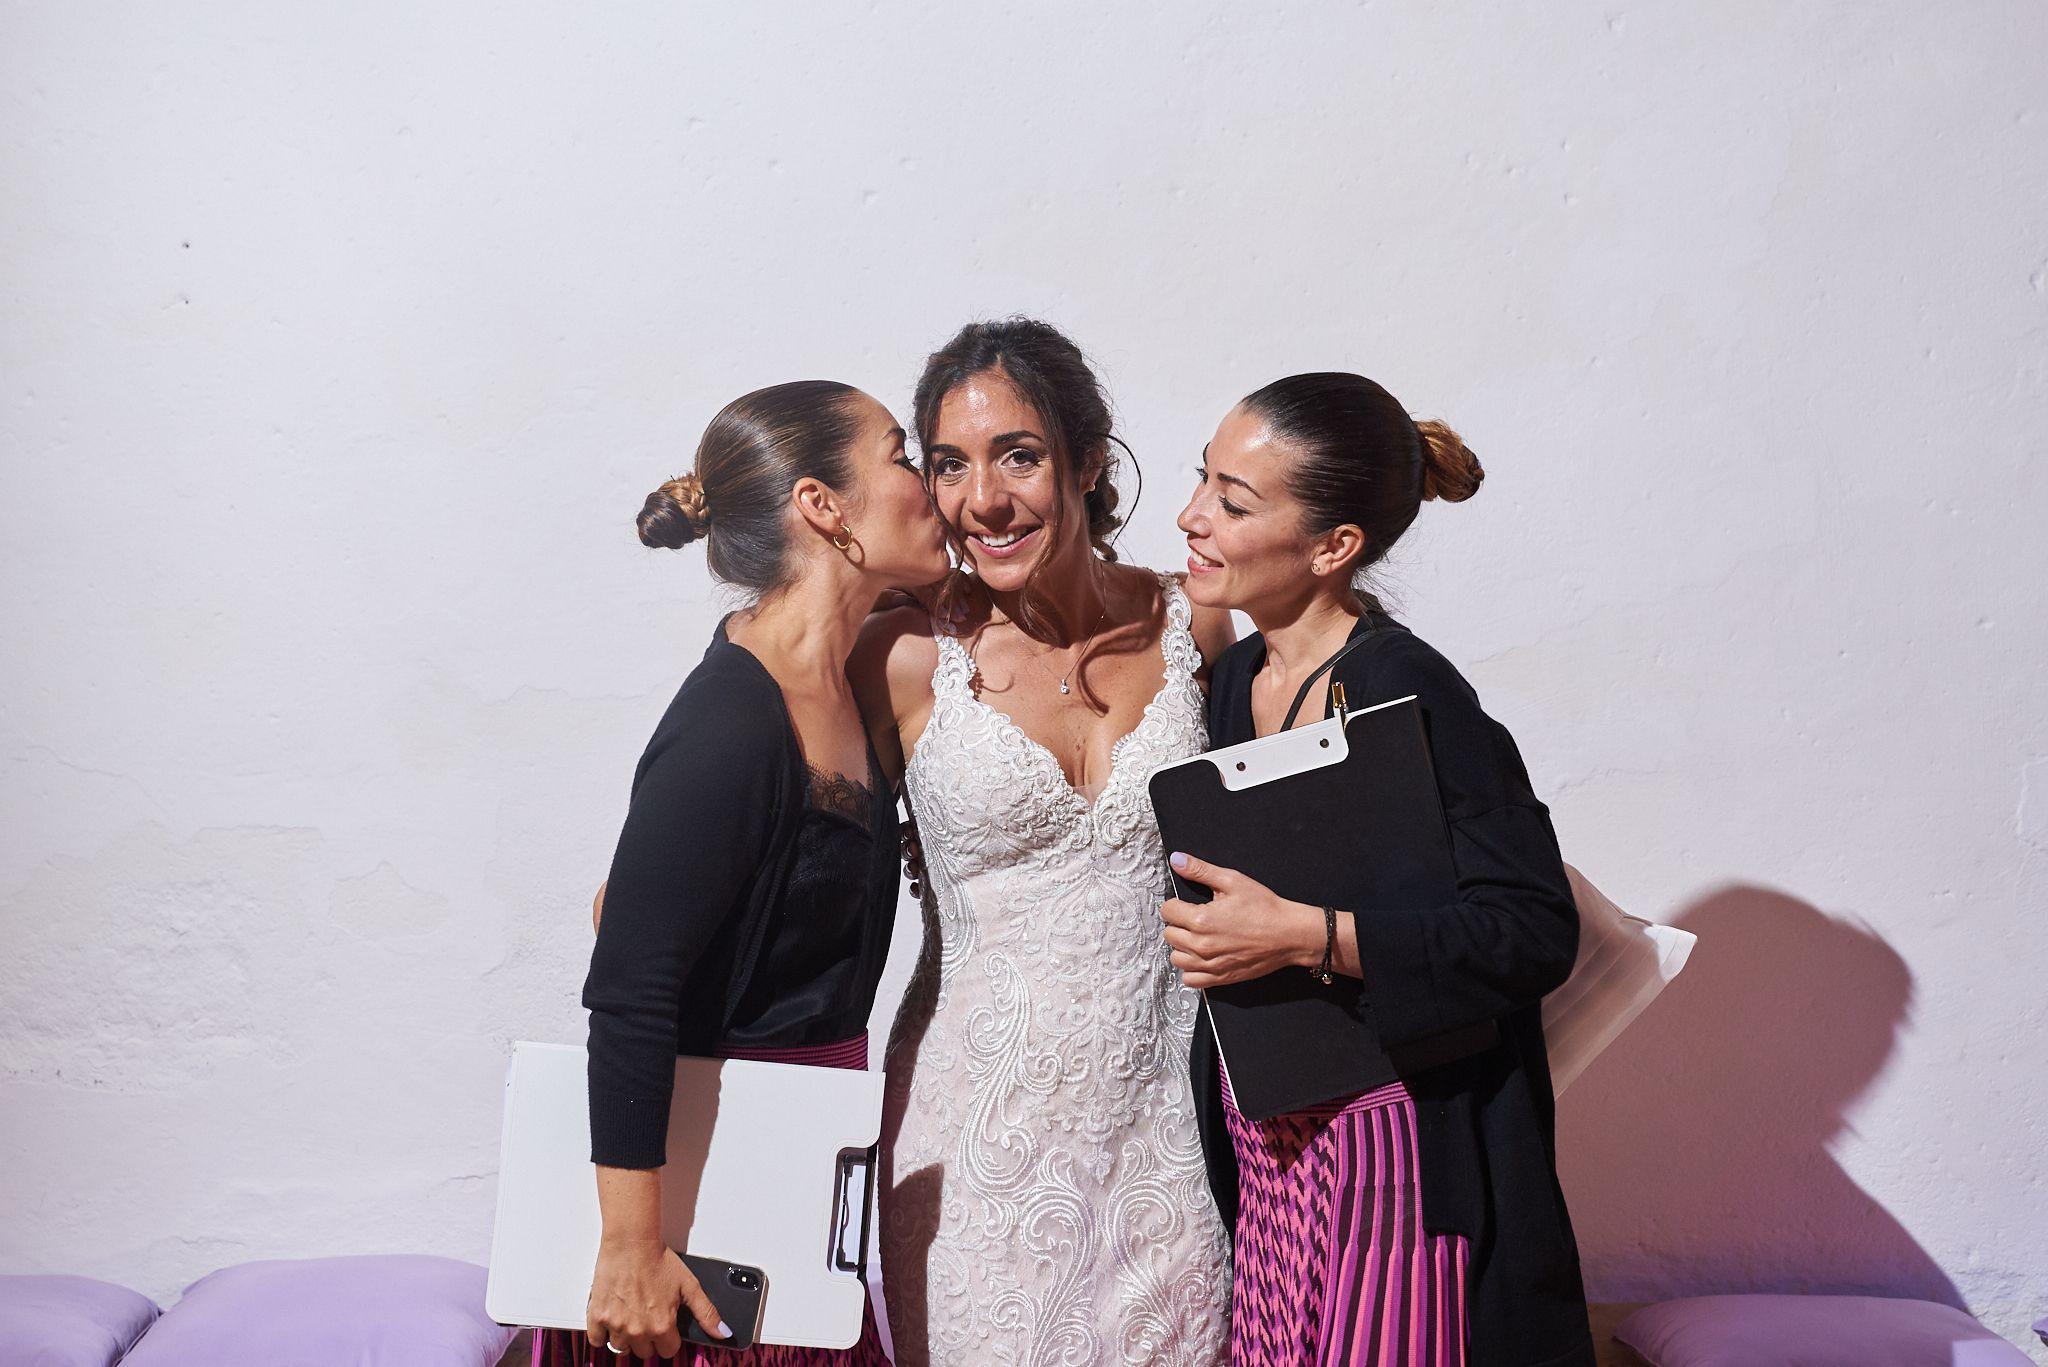 La-22Destination-Wedding22-en-Moguer-de-Lauren-y-JosC3A9-Antonio-JoseAntonio-alejandromarmol3113.jpg